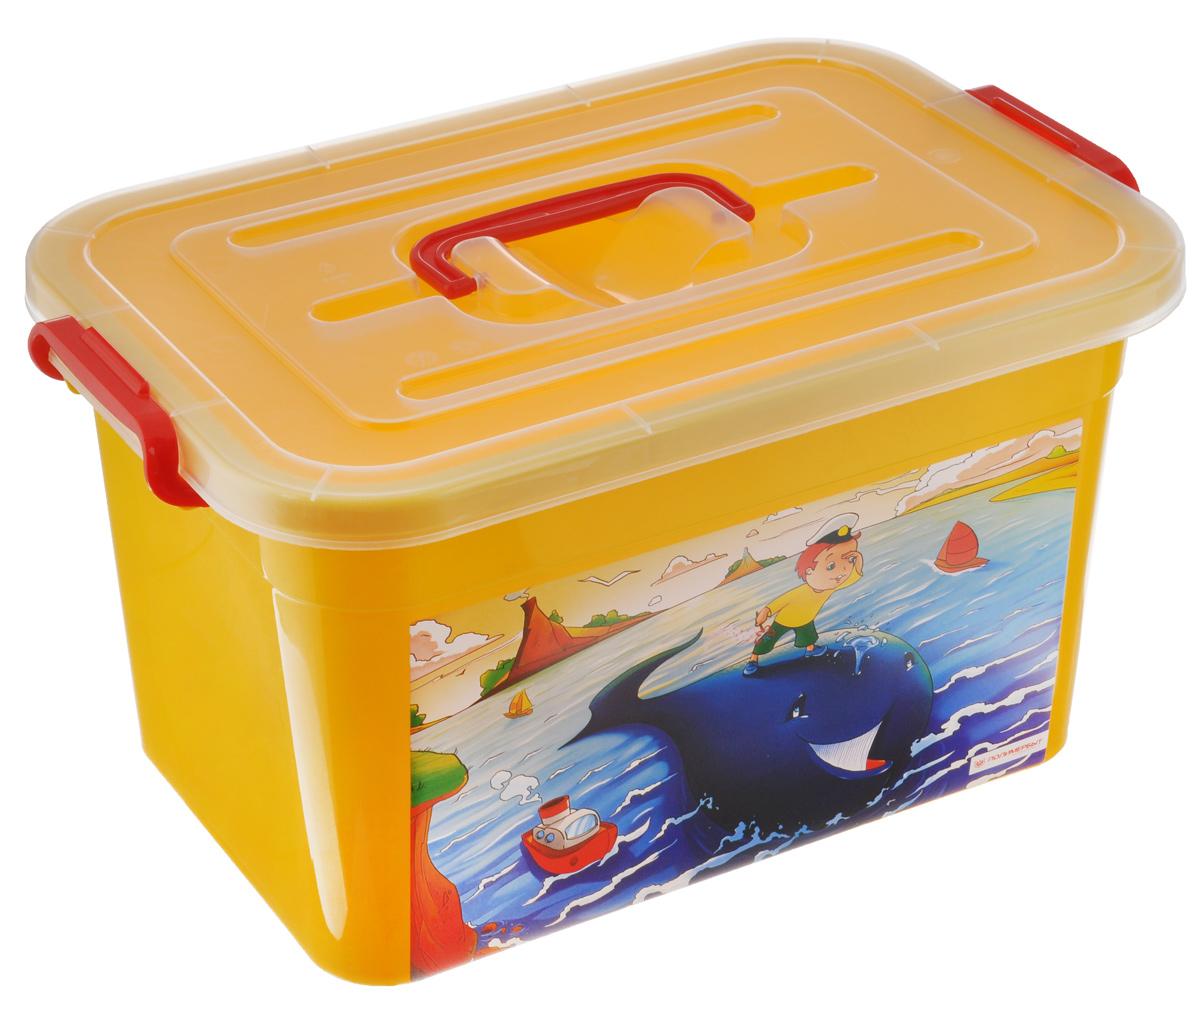 Ящик для игрушек Полимербыт Радуга, цвет: желтый, 10 л. С81001LA1018GRЯщик для игрушек Полимербыт Радуга, выполненный из высококачественного цветного пластика, декорирован красочным изображением. Для удобства переноски сверху имеется ручка. Изделие плотно закрывается крышкой с защелками. Ящик для игрушек Полимербыт Радуга очень вместителен и поможет вам хранить все необходимое в одном месте.